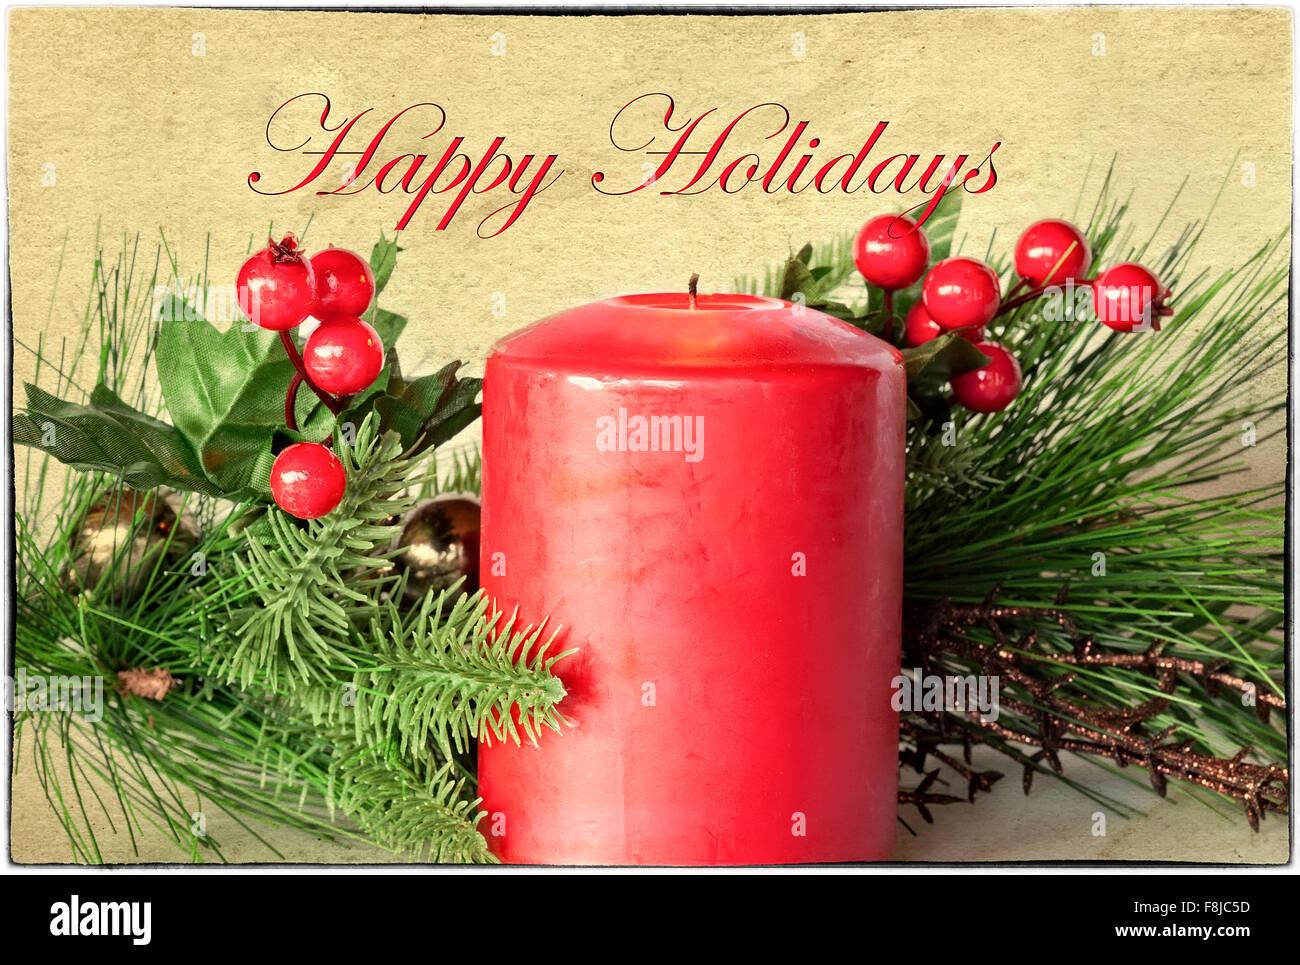 Weihnachts-Grußkarte mit immergrünen, Stechpalme Beeren, rote Kerze Grenze und frohe Feiertage text Stockbild